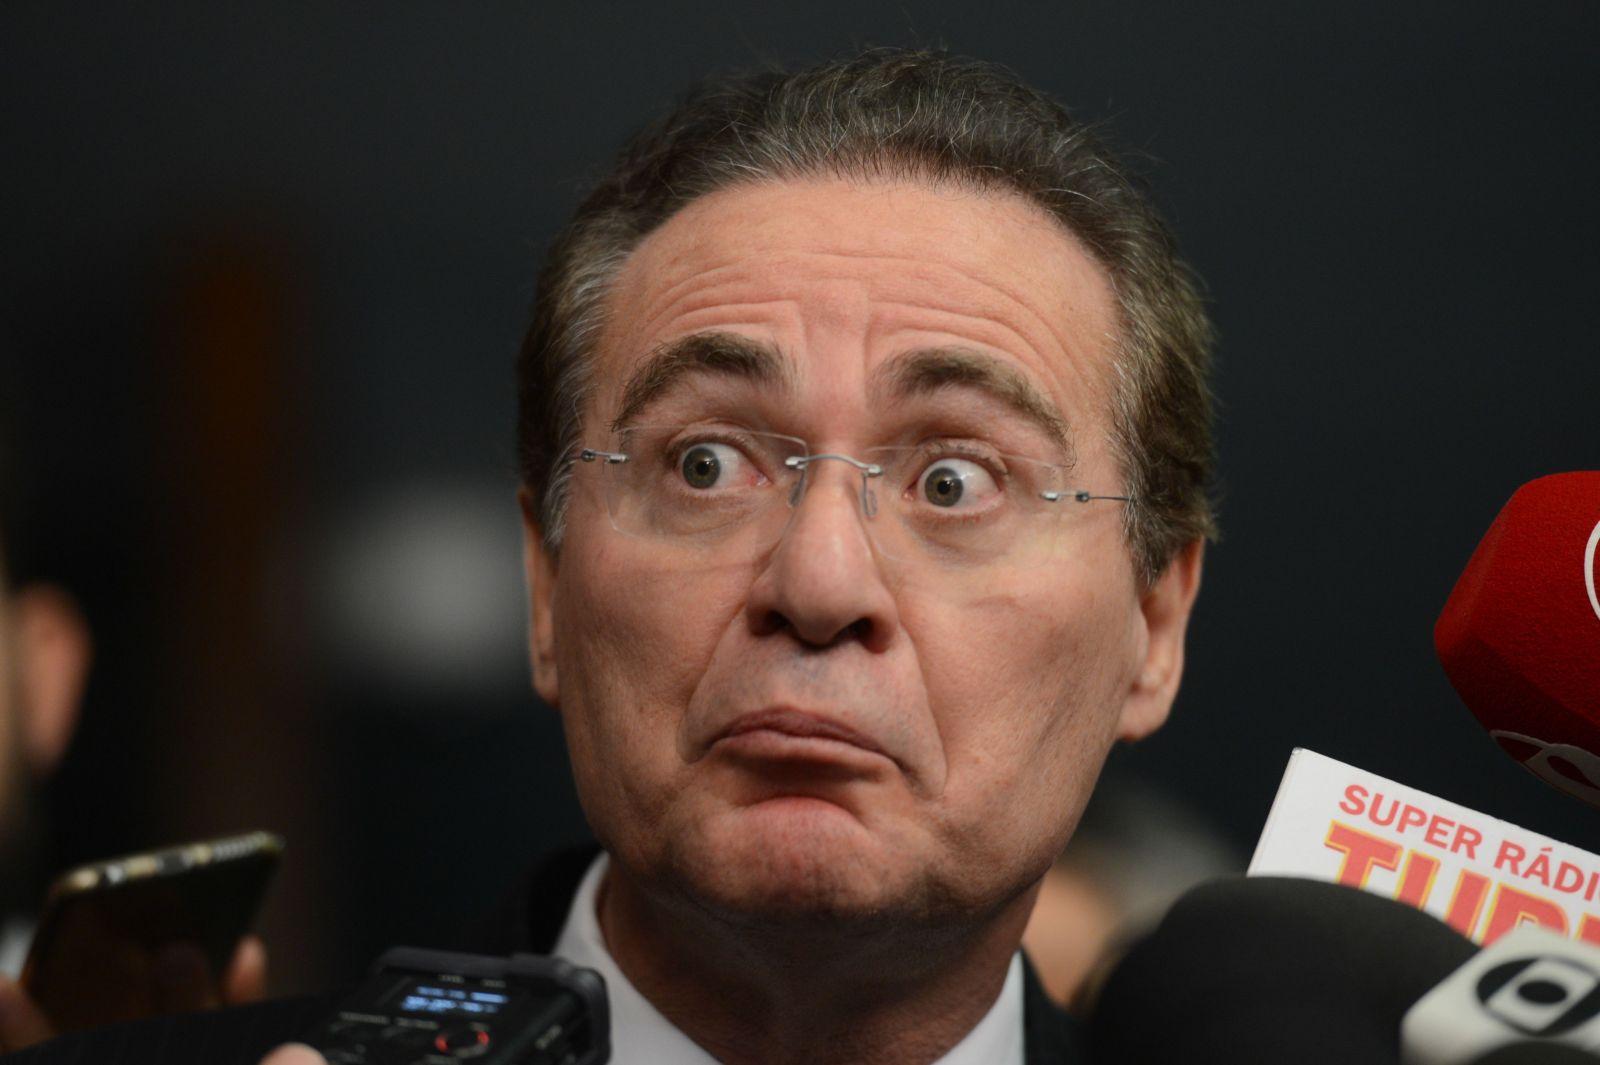 Senado rejeita manobra de Renan para lei anticorrupção